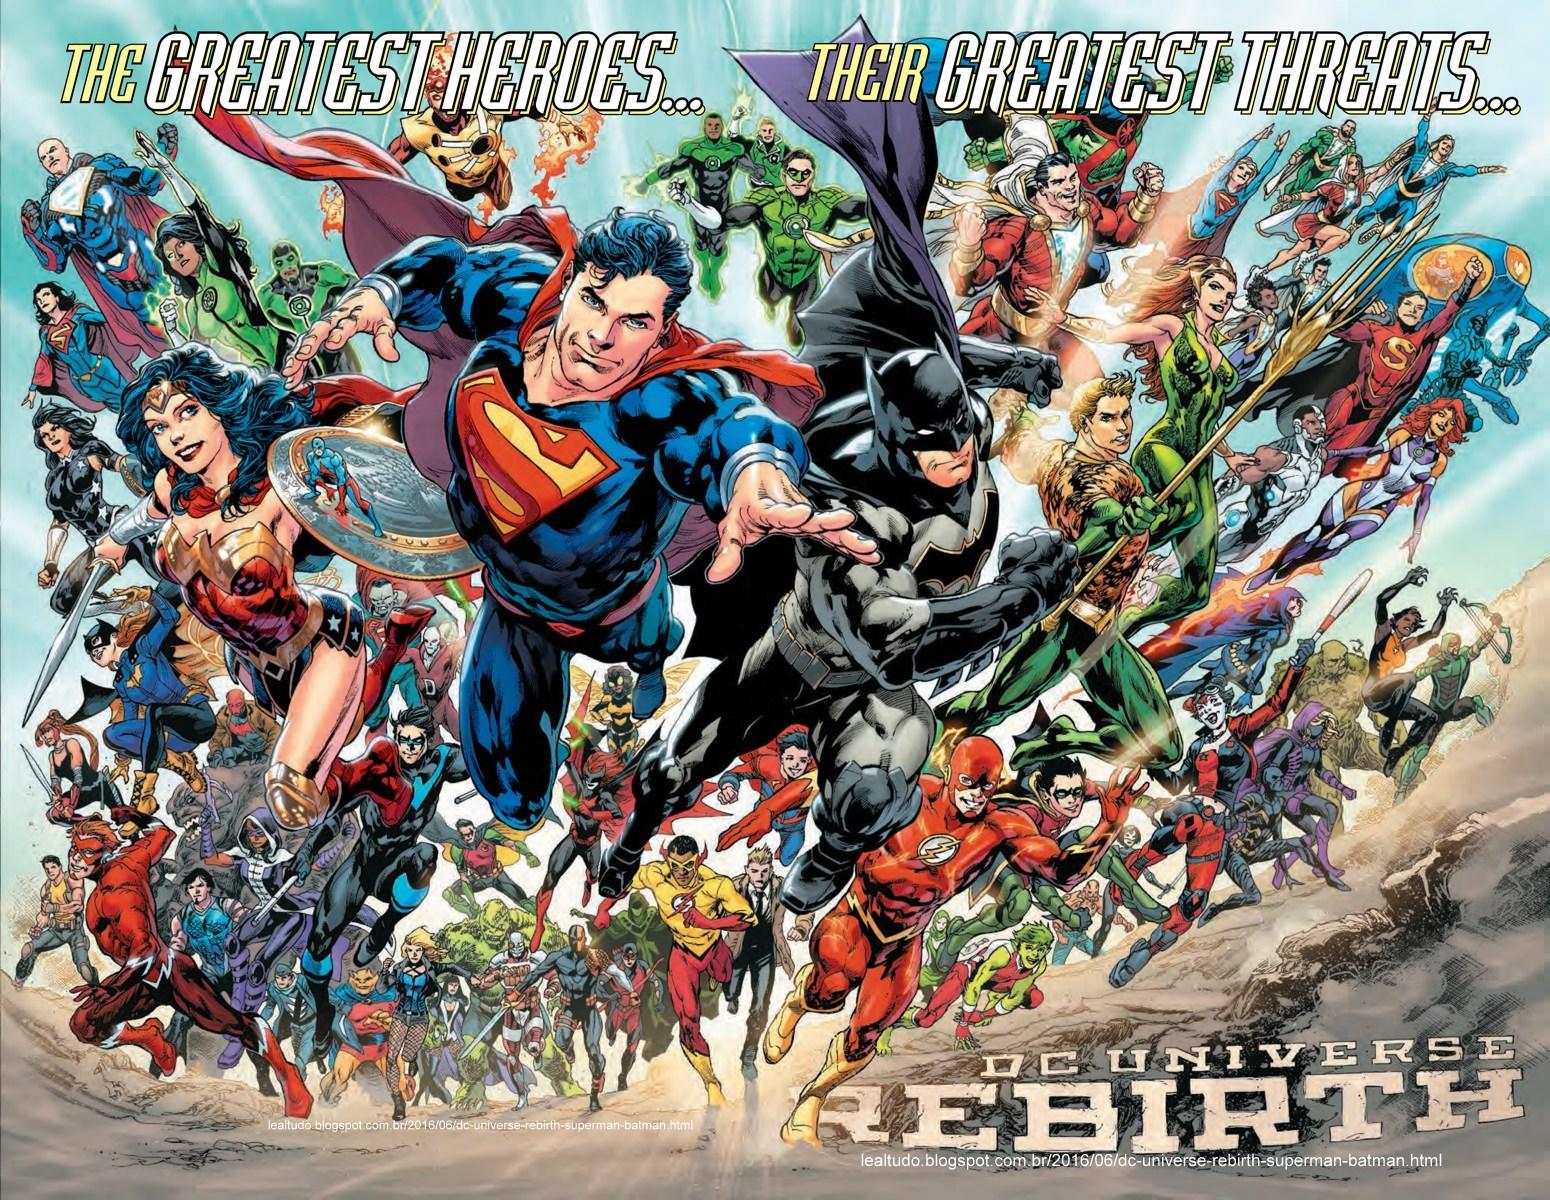 DC UNIVERSE REBIRTH - Superman Batman Wonder Woman Flash Shazam Green Arrow Lantern Titan Antman - LARGE